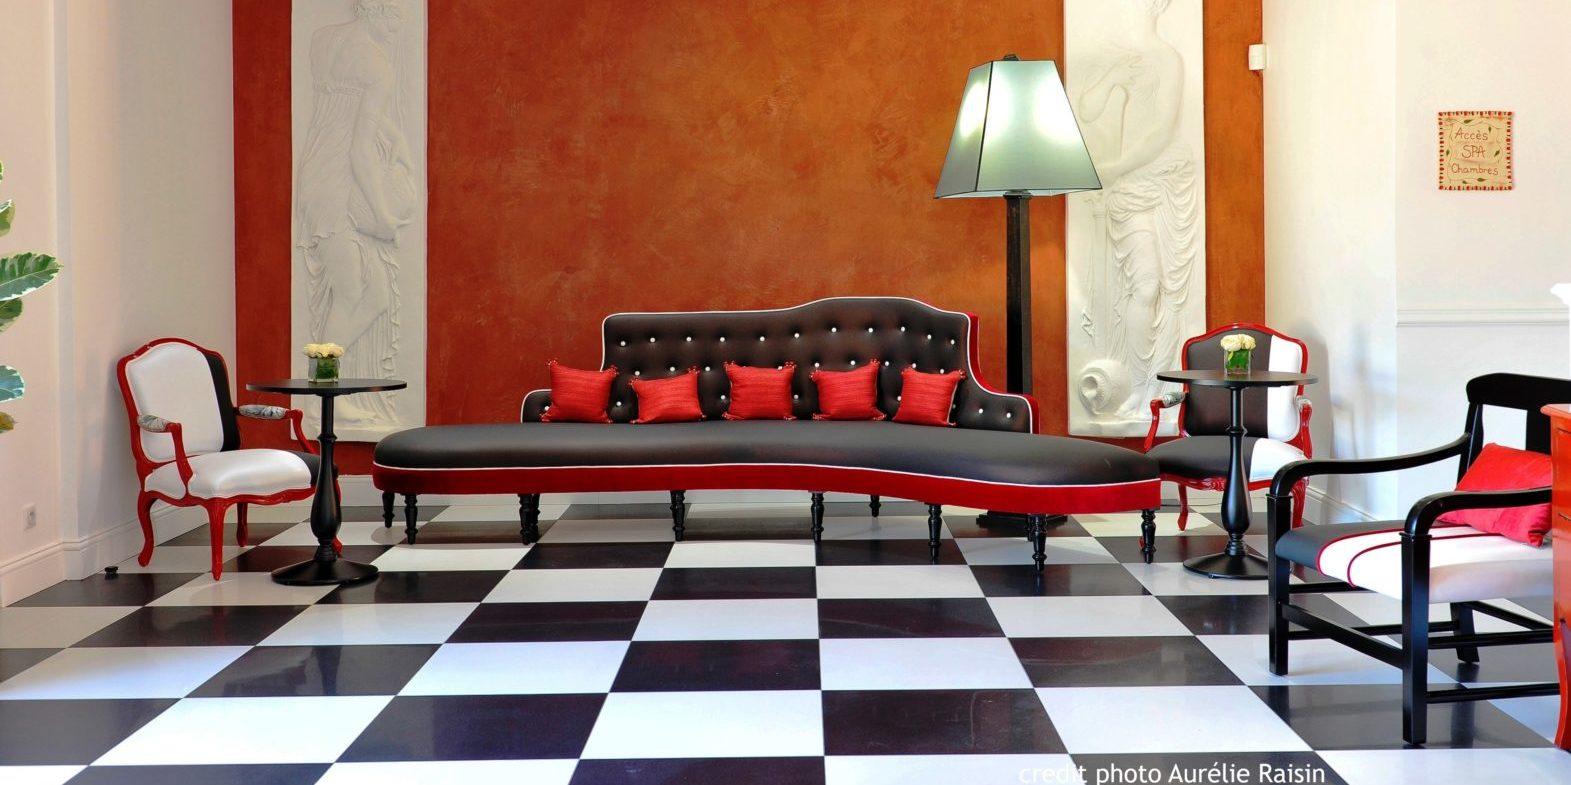 Boutique Hotel Liberata Ile Rousse Balagne Corsica Frankrijk art nouveau bank lobby lounge